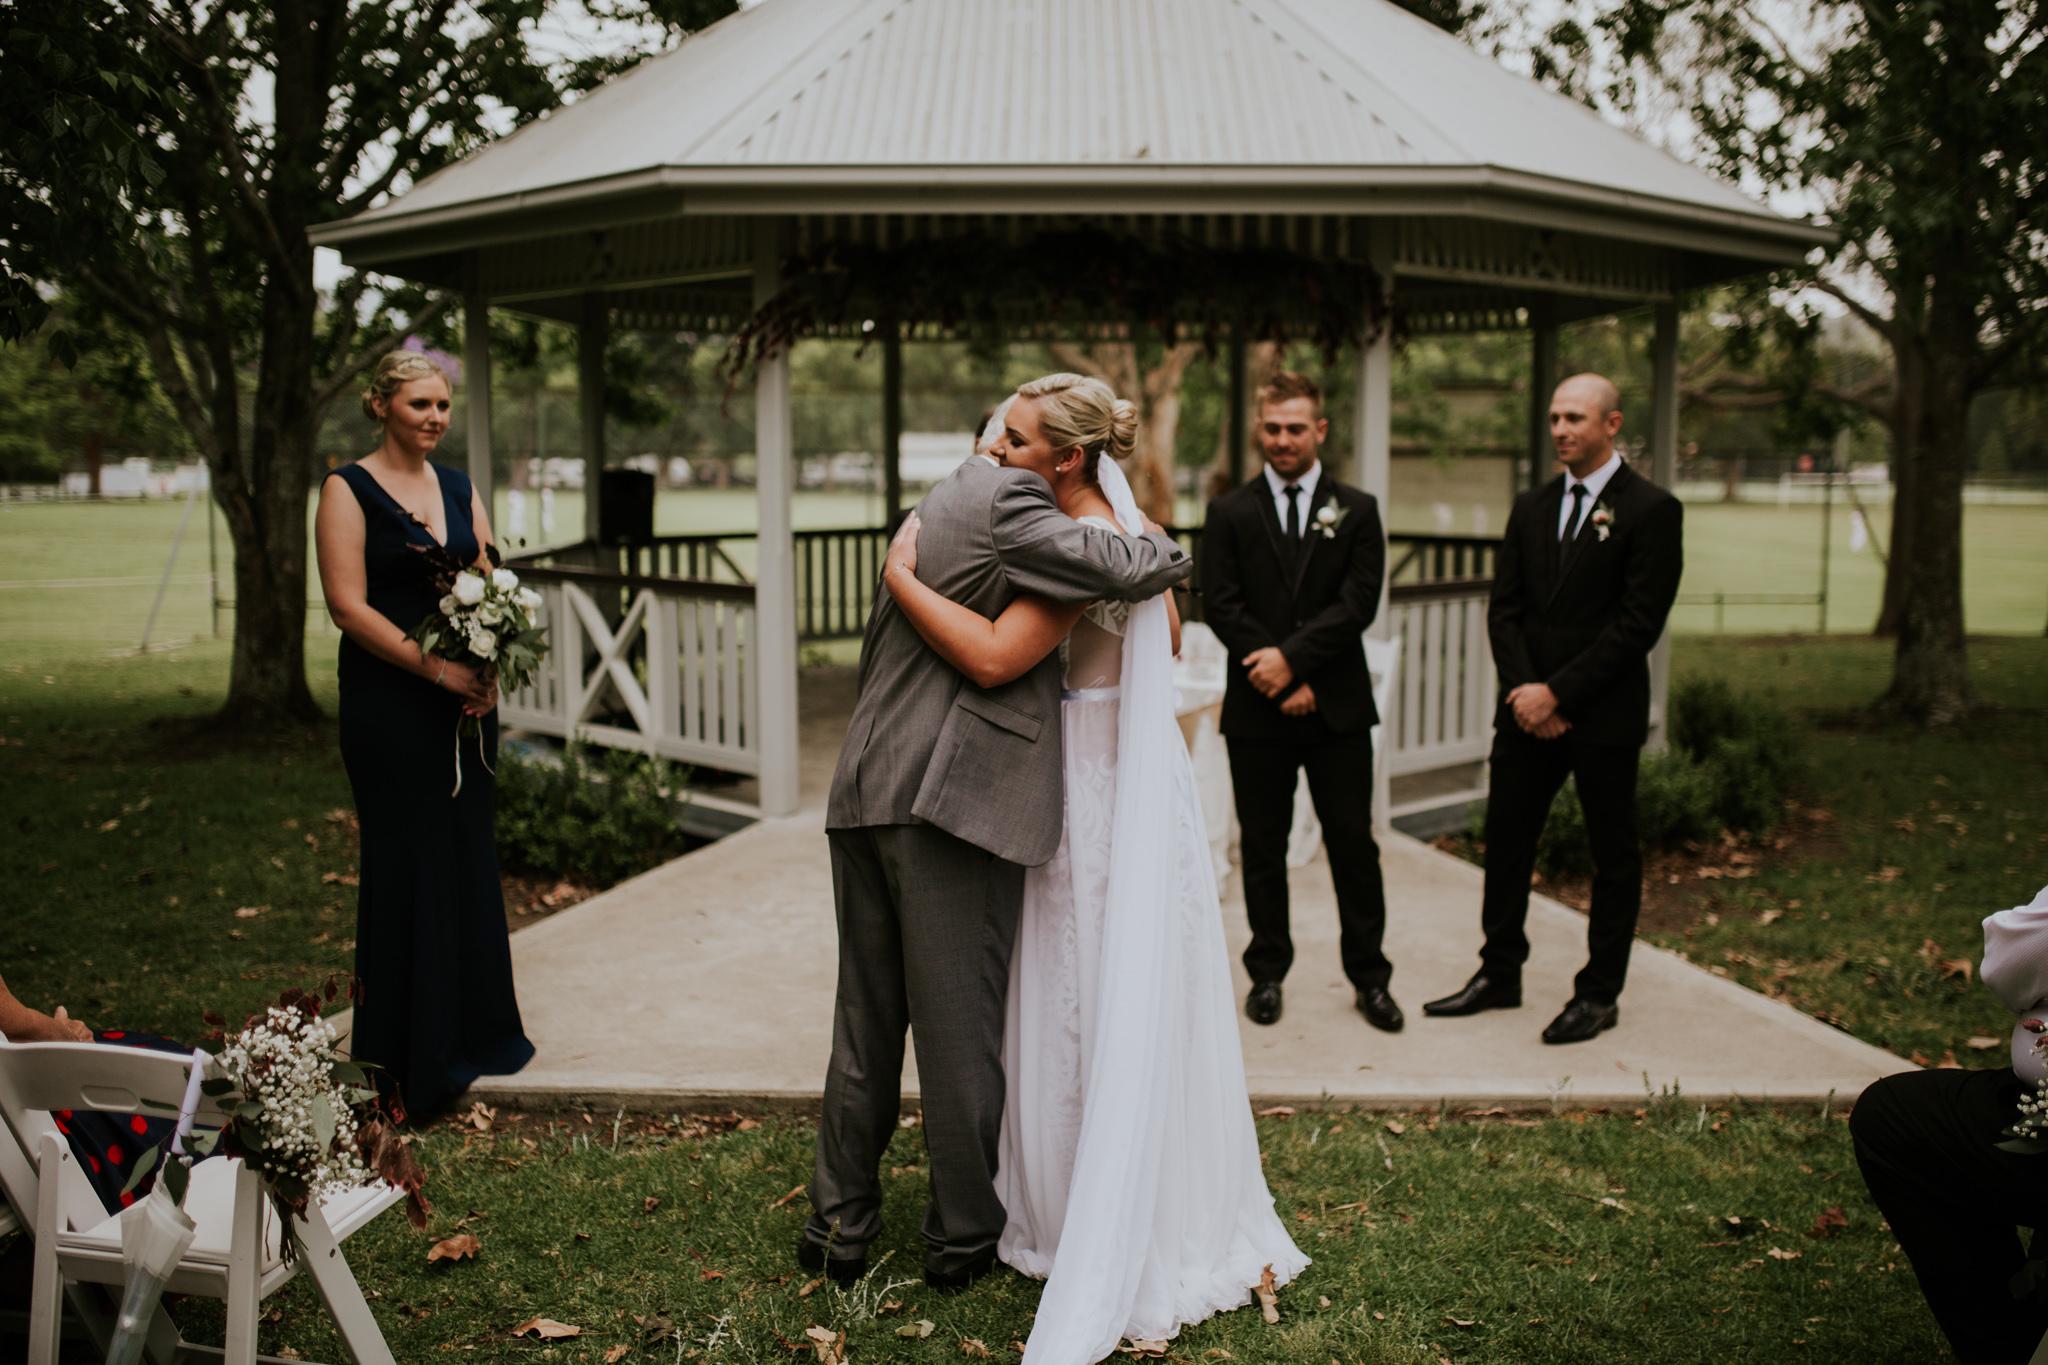 Lucy+Kyle+Kiama+Sebel+wedding-66.jpg